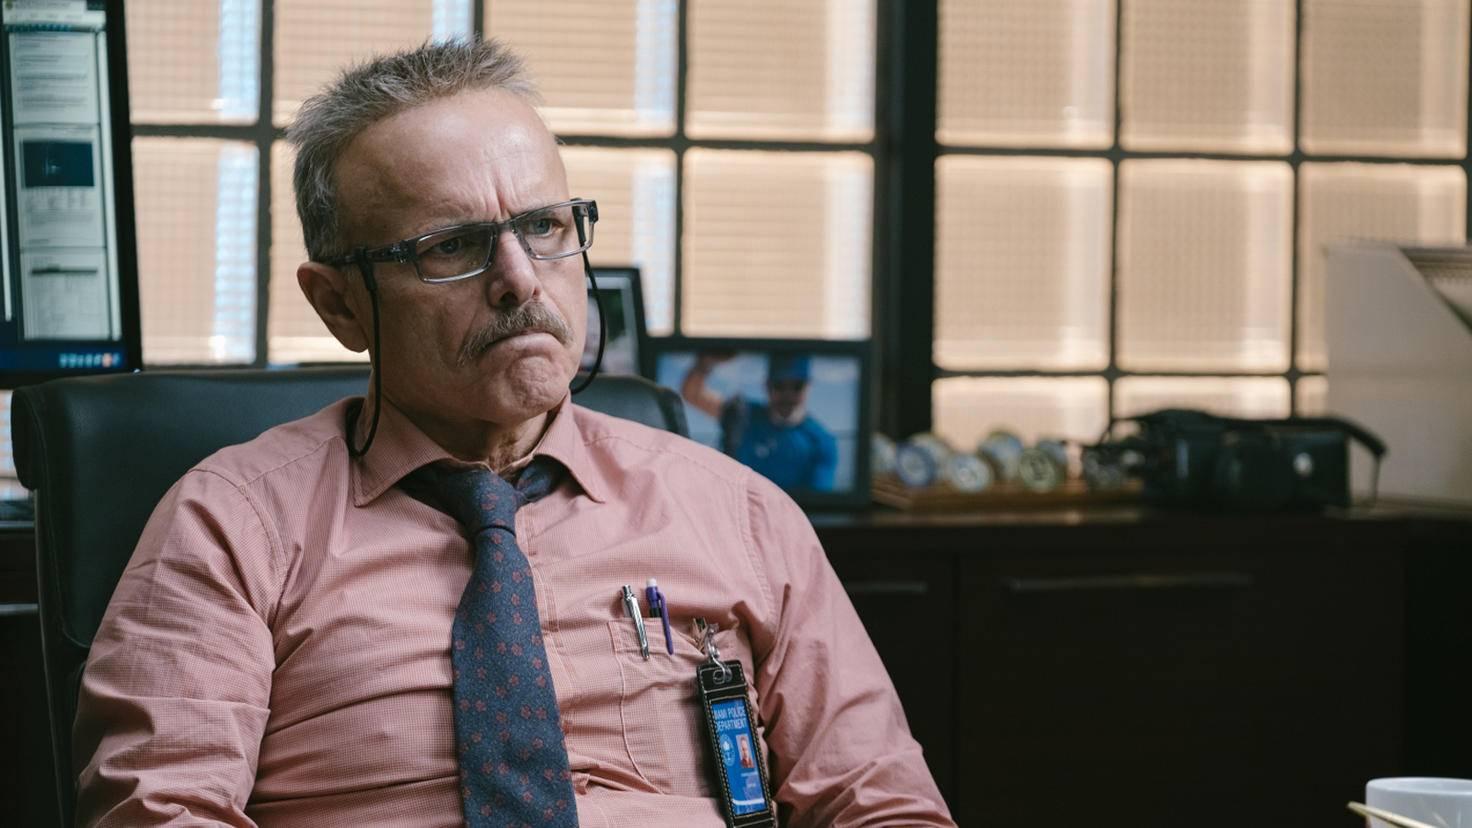 Das Leben könnte für Captain Howard so viel einfacher sein, wenn er nicht so sture Detectives hätte.